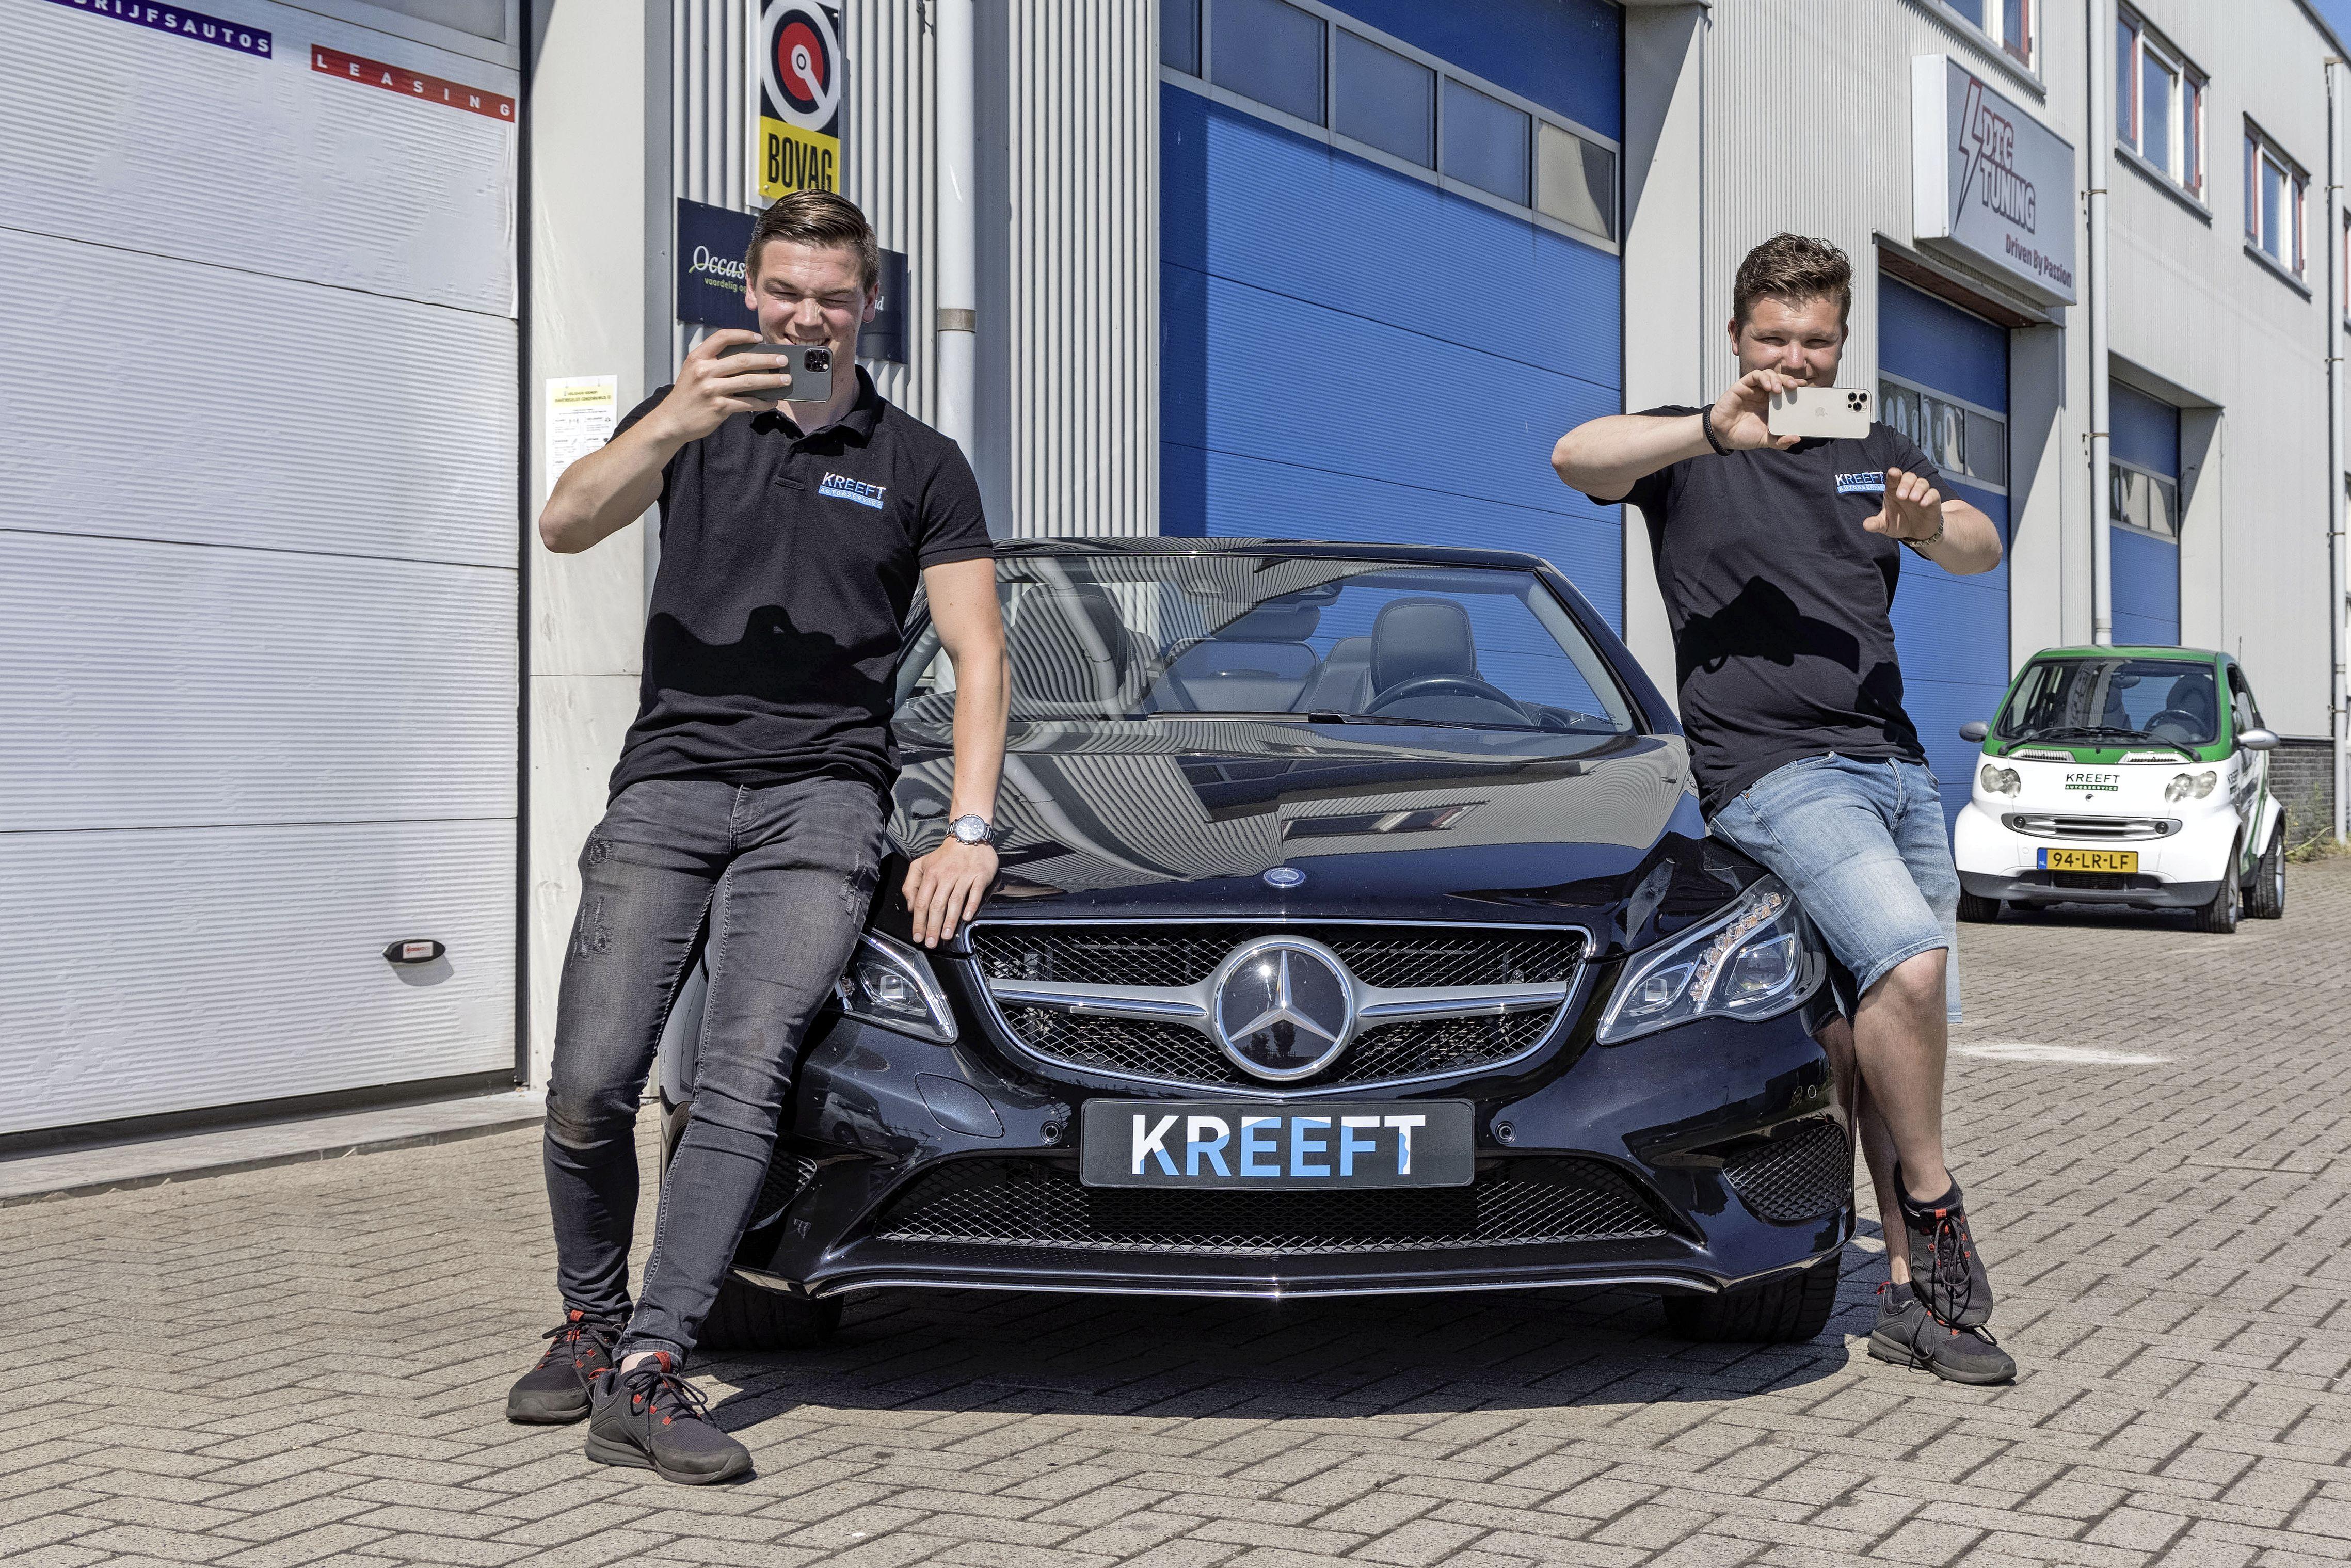 Vloggend auto's verkopen, Enkhuizers Dani en Joey fiksen het en gunnen klant een kijkje achter de schermen [video]